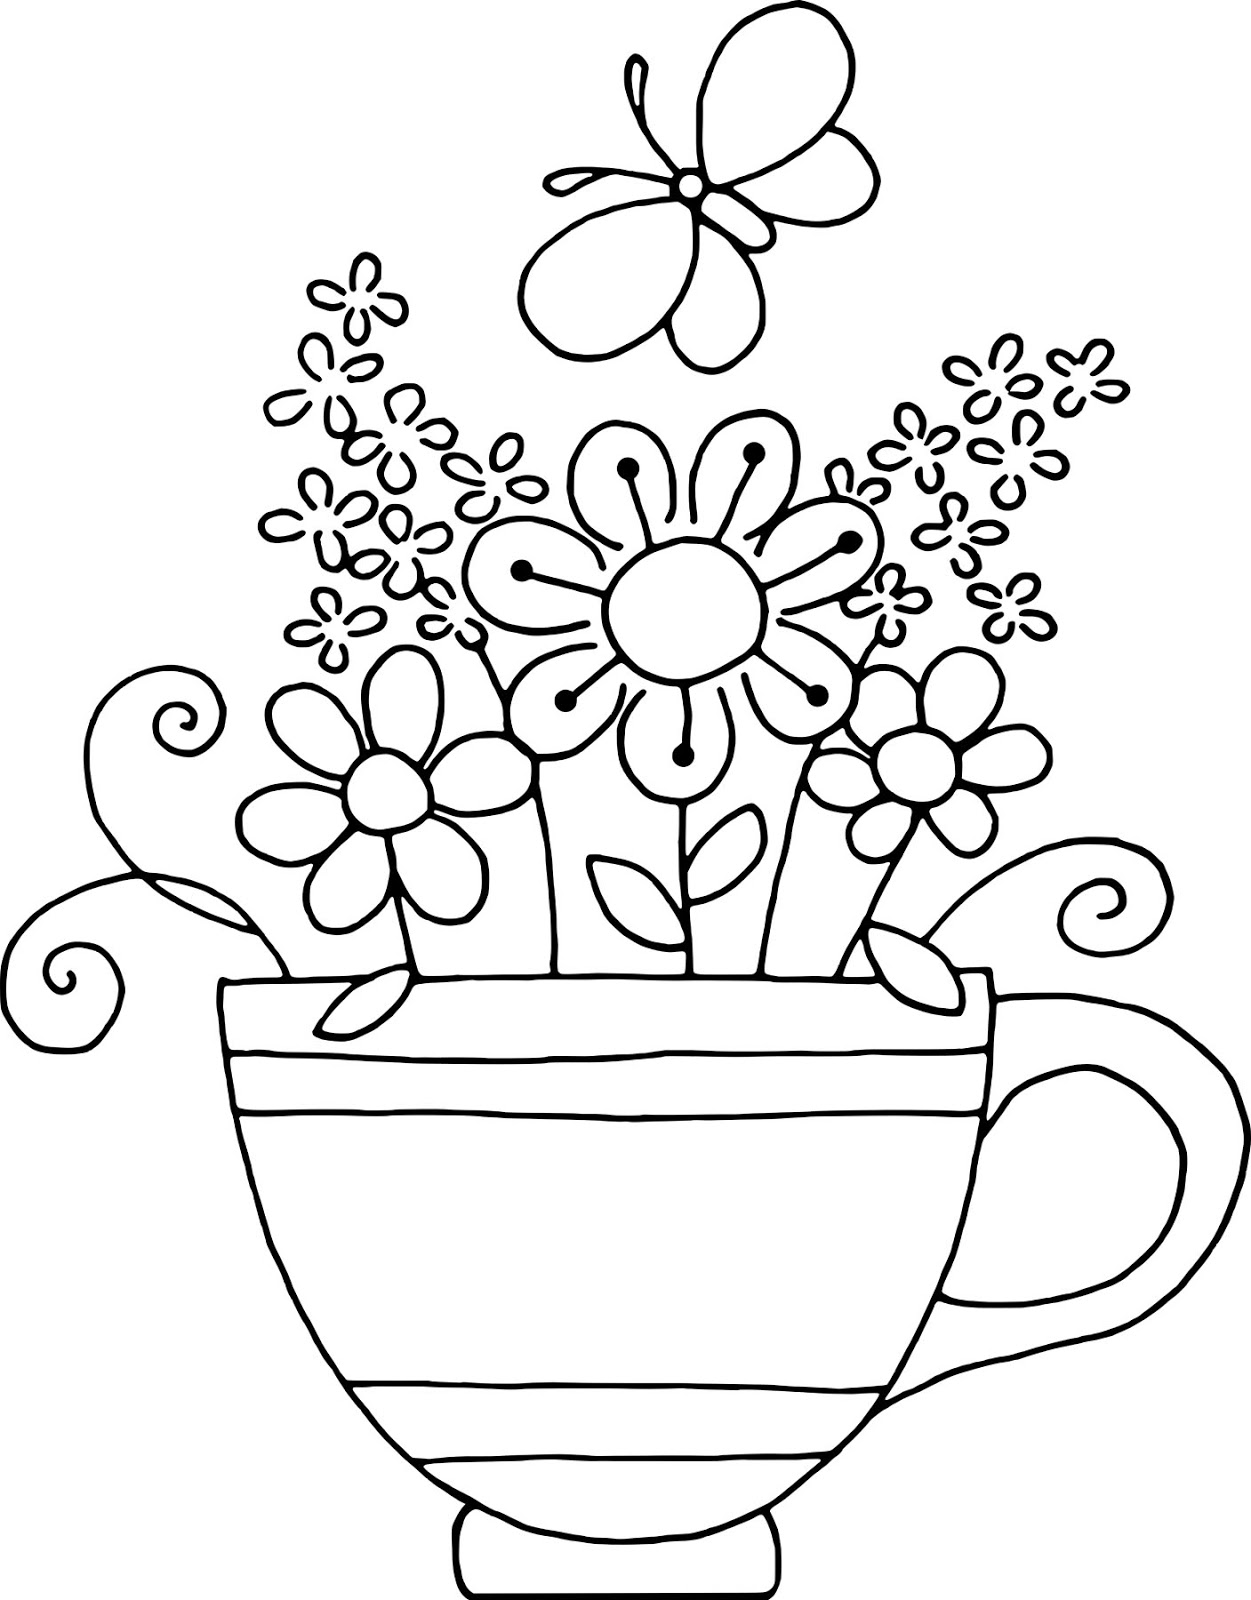 http://1.bp.blogspot.com/-BG7cuWCsEdQ/U0vu4jKRIYI/AAAAAAAAFc8/tYMN2C2PWAM/s1600/Flowery+Tea+Cup+-+The+Doodle+Garden.jpg